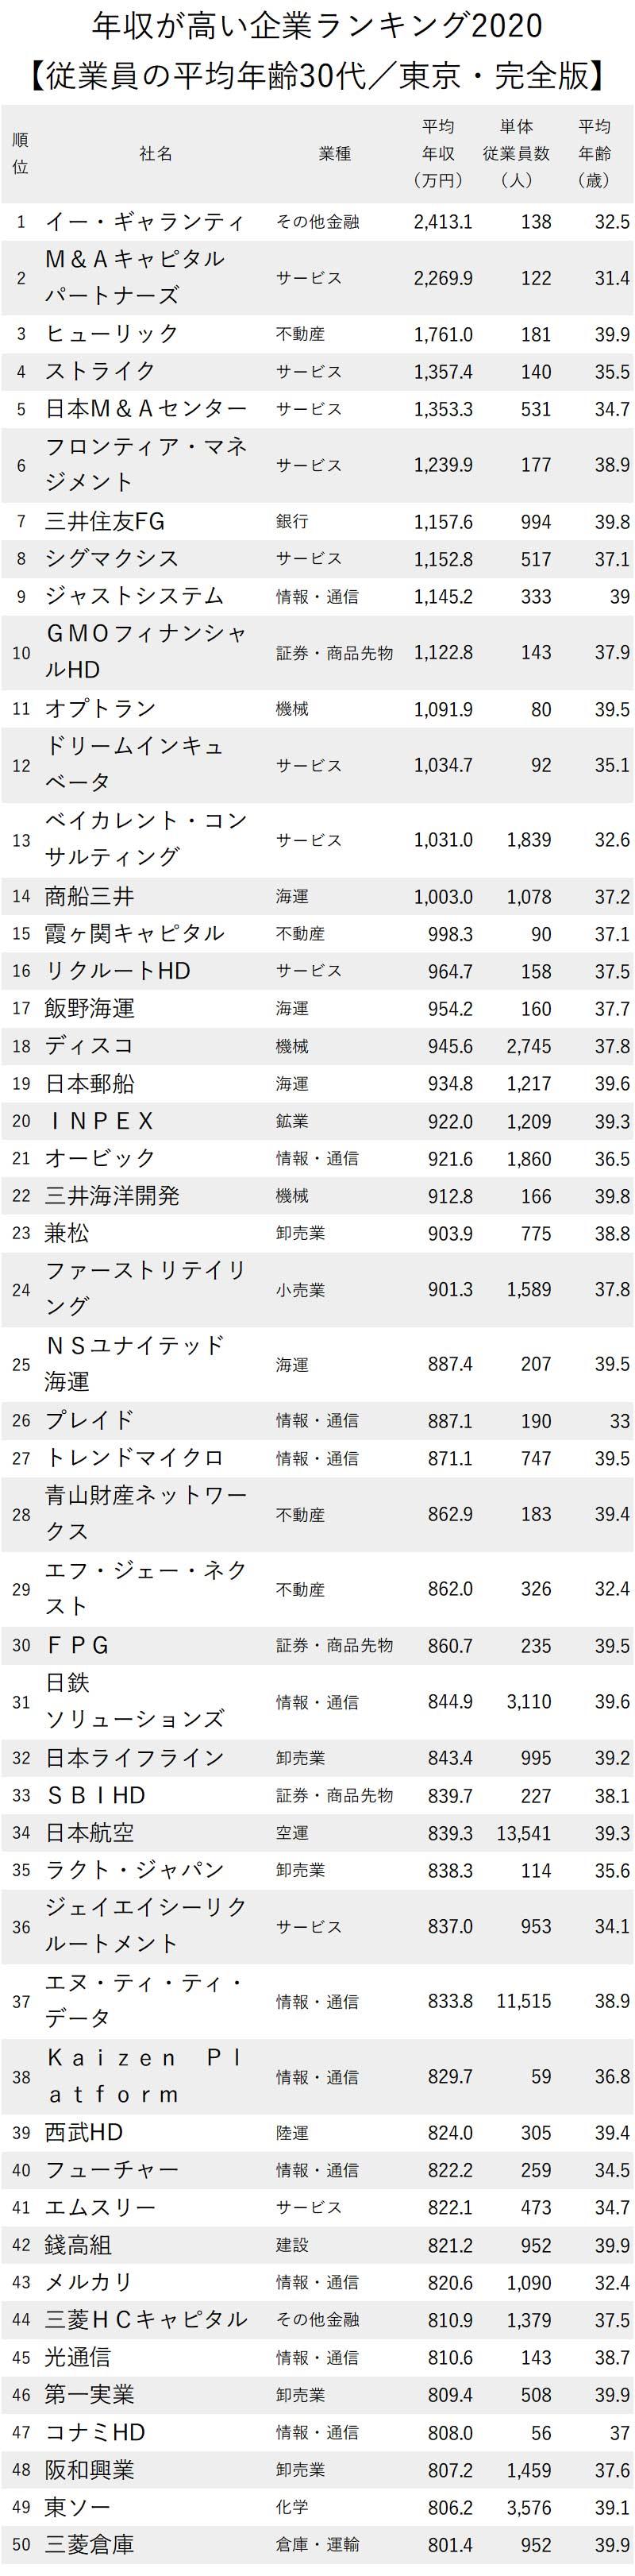 東京30代高年収_1-50